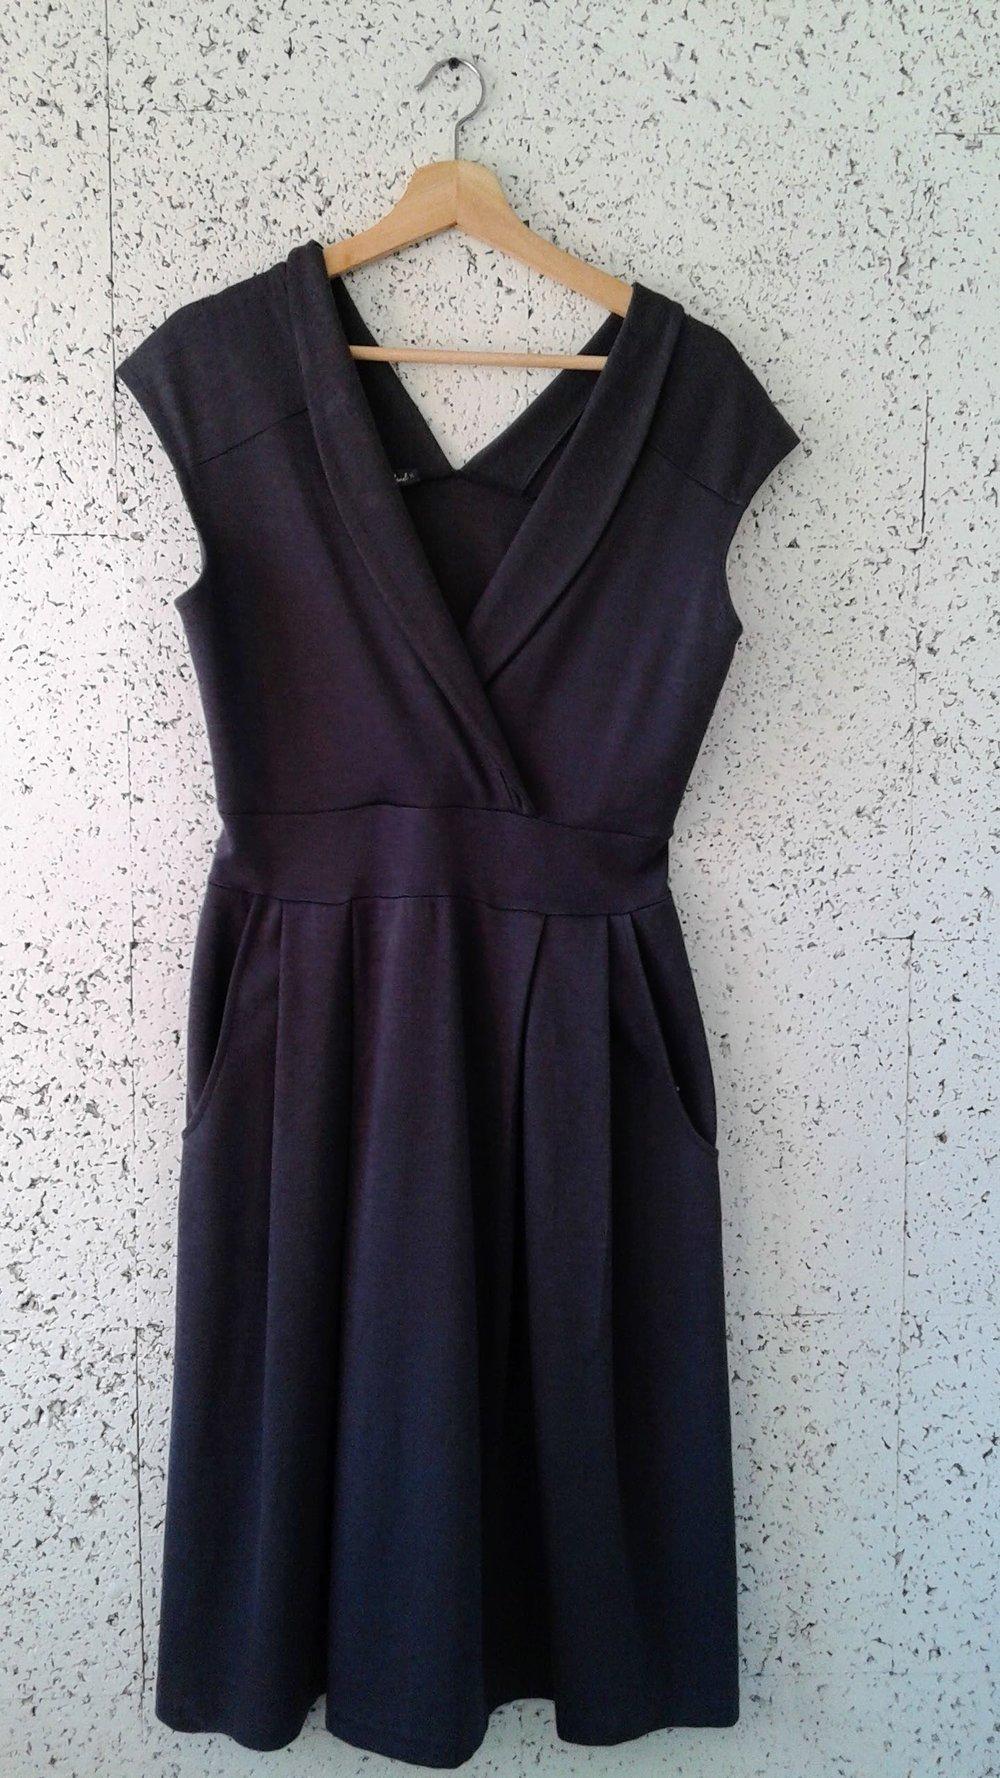 Allison Wonderland dress; Size 6, $58